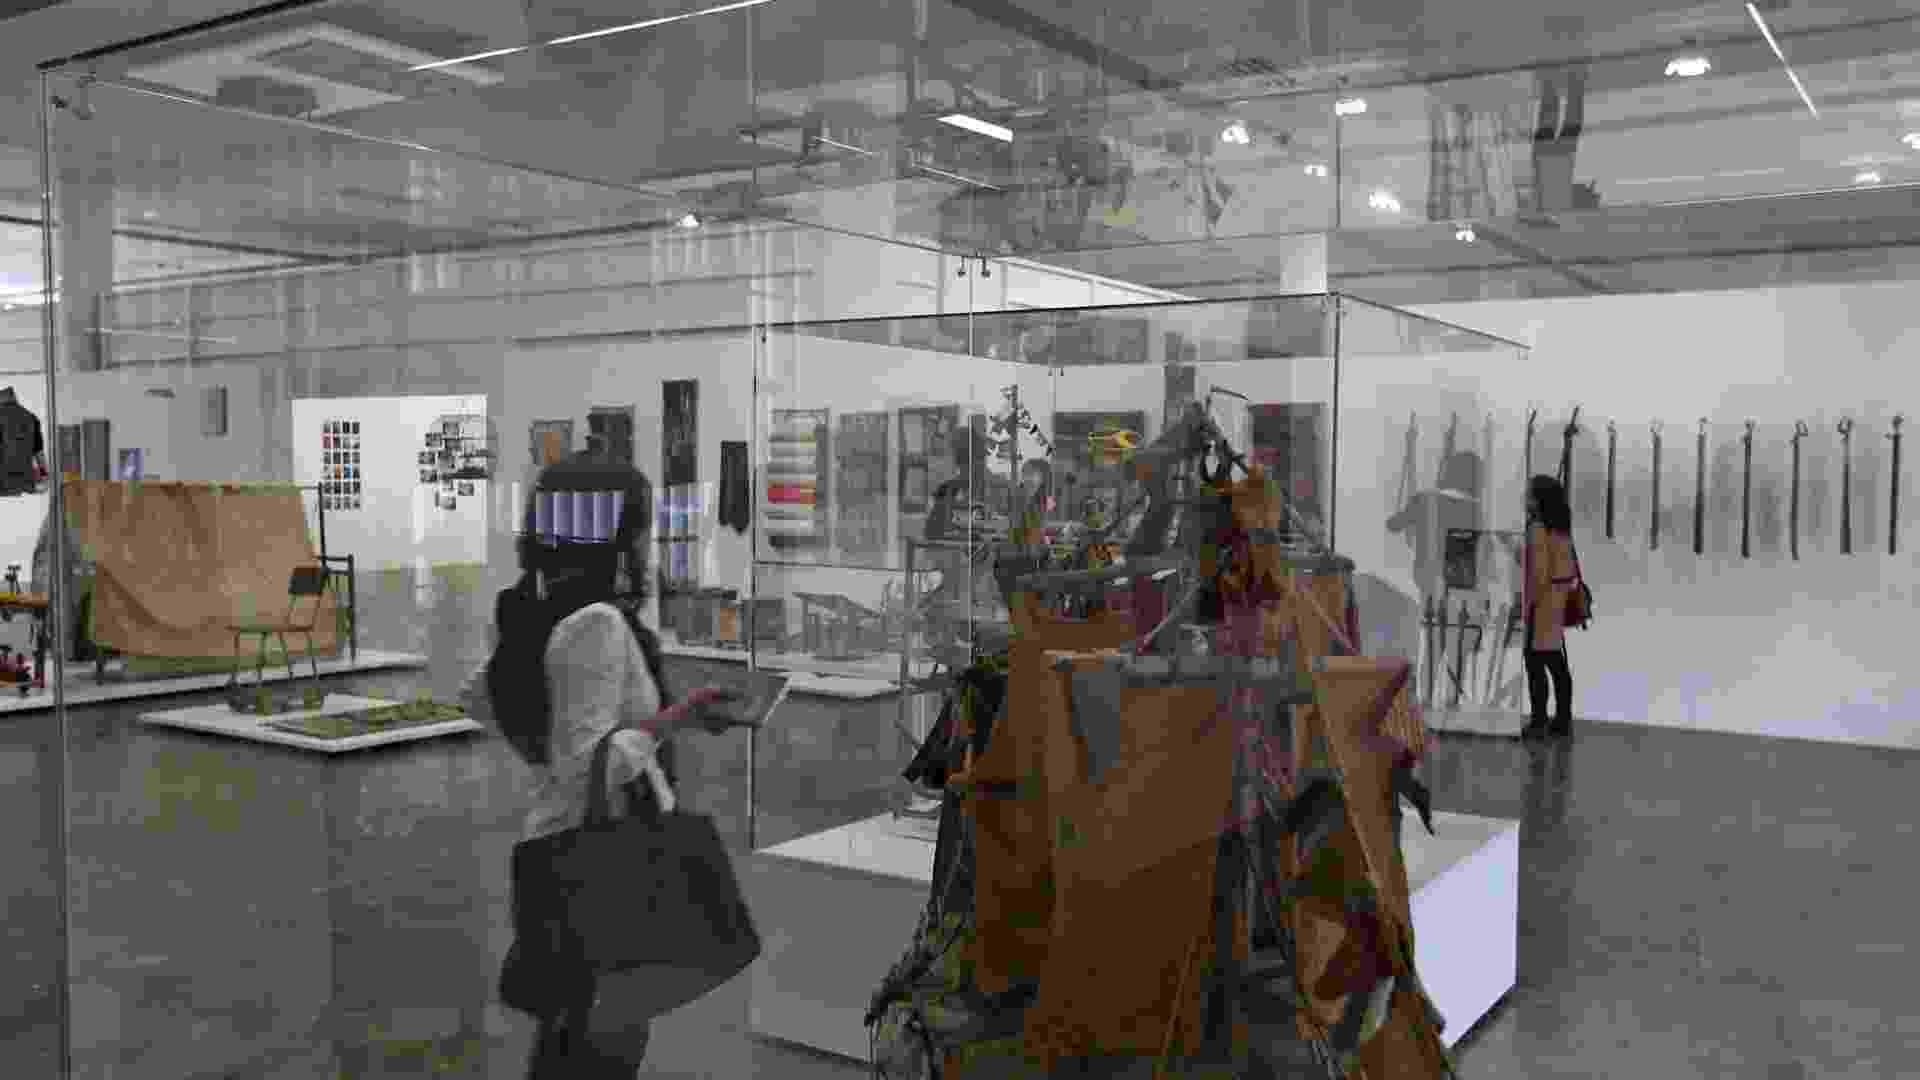 Convidado observa obra do artista brasileiro Arthur Bispo do Rosario, na 30ª Bienal de Arte, no Pavilhão da Bienal, em São Paulo (4/9/12) - Leandro Moraes/UOL